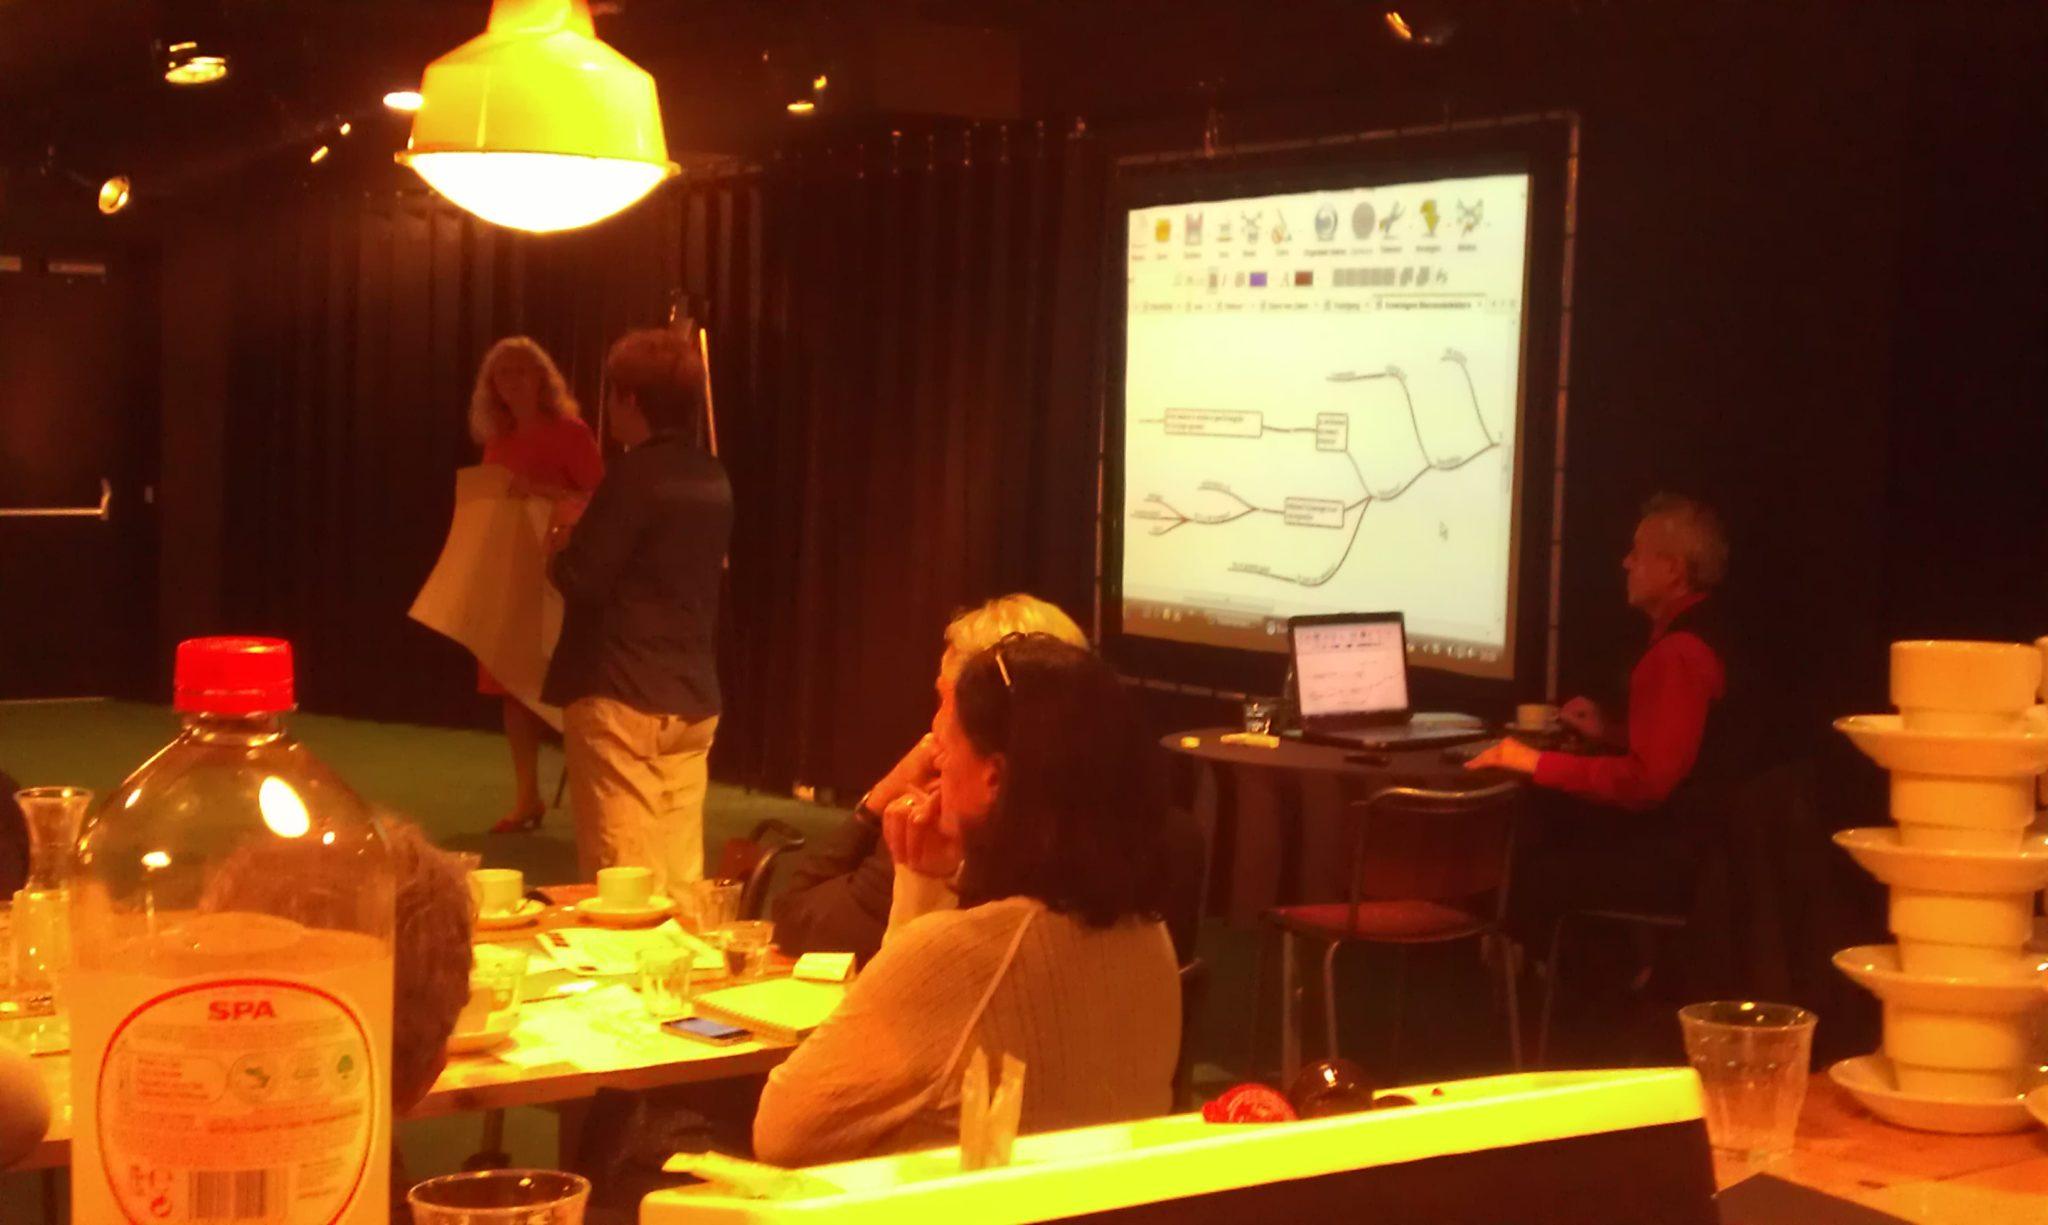 Notuleren door Rudy Rensink van MindMap.nl tijdens een presentatie